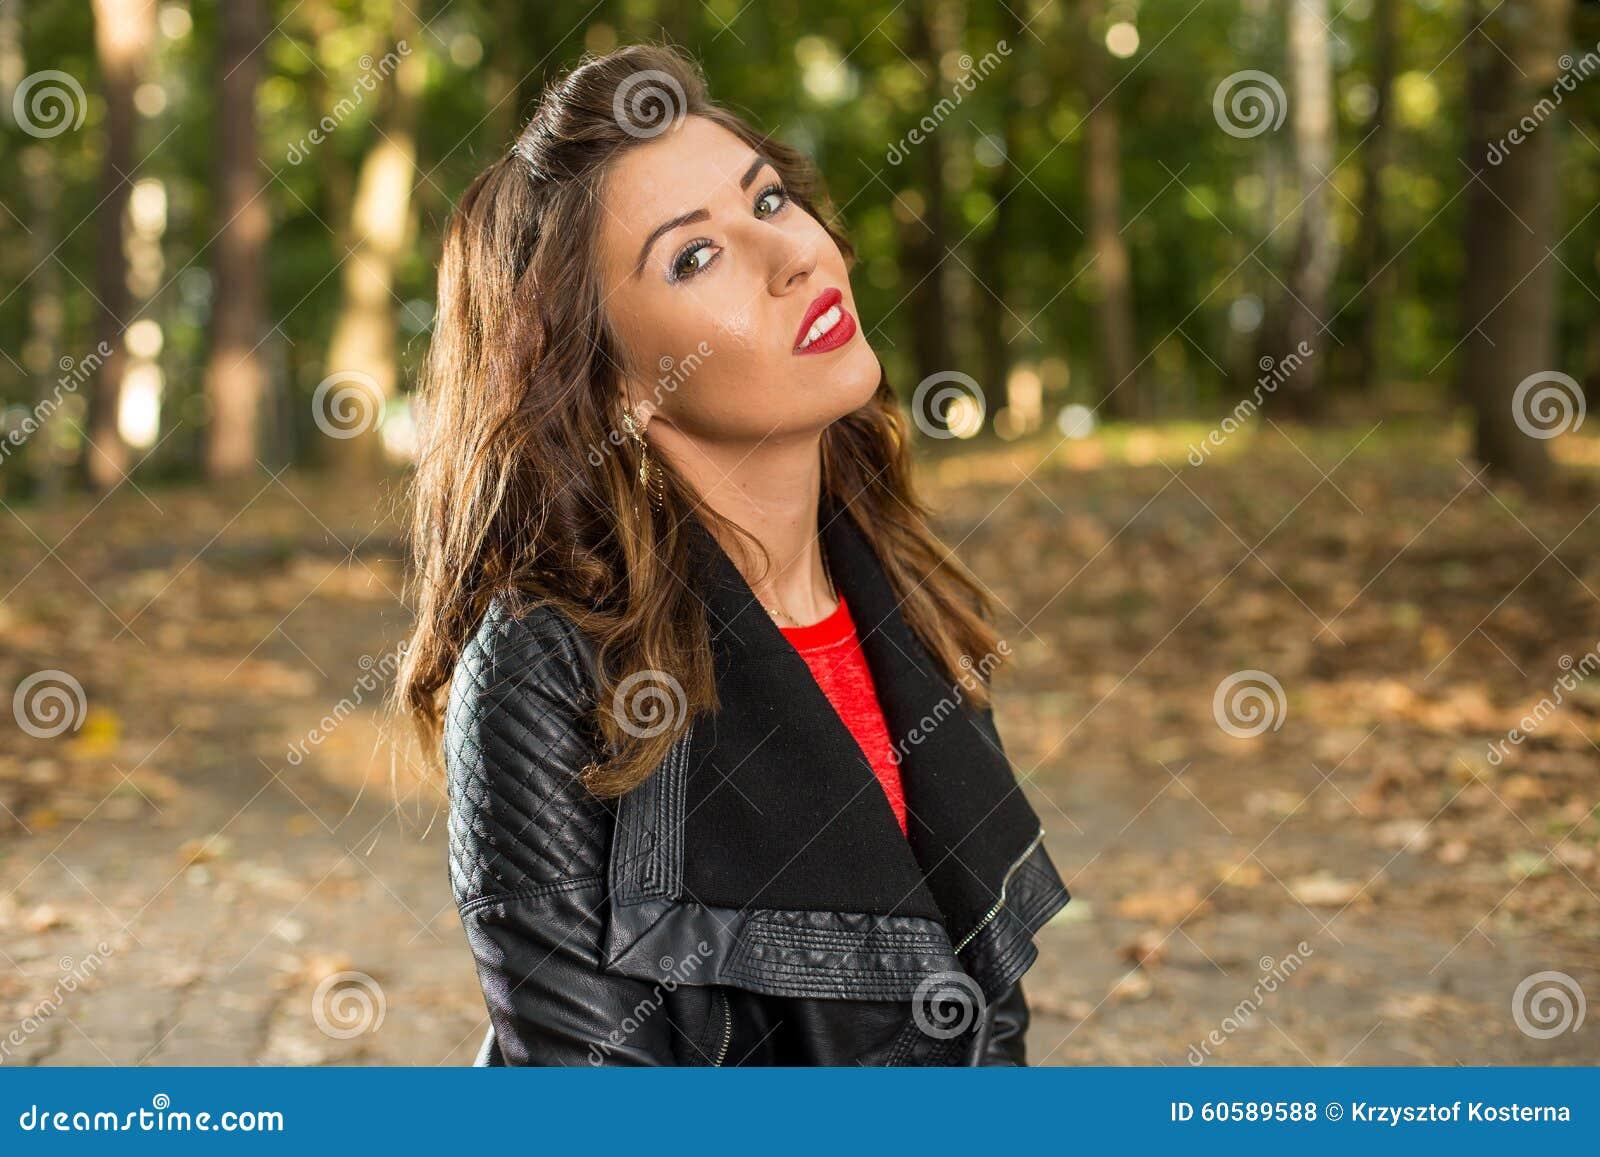 Красивая девушка идет в древесины